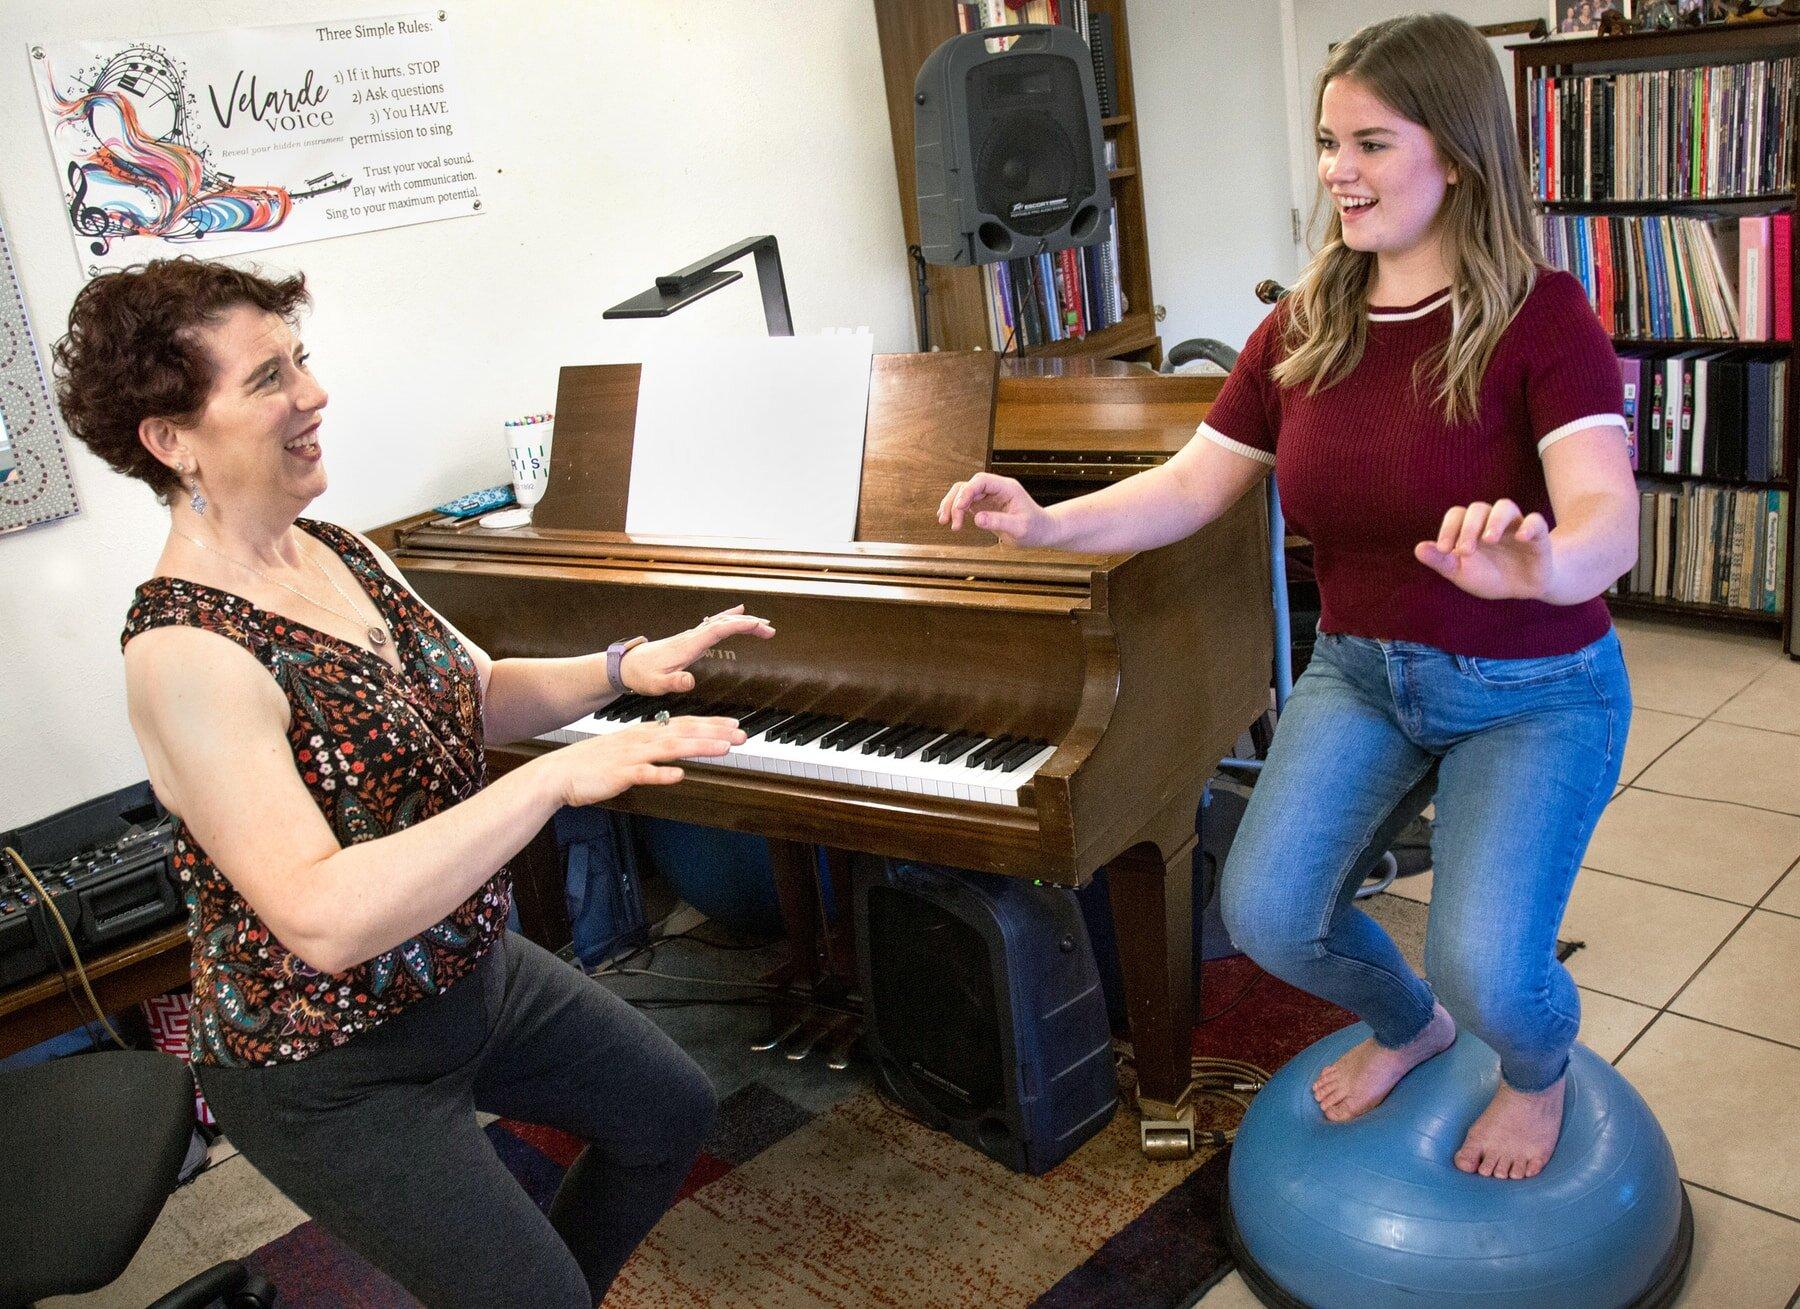 Explore your instrument with voice coach Rachel at Velarde Voice, Scottsdale, AZ